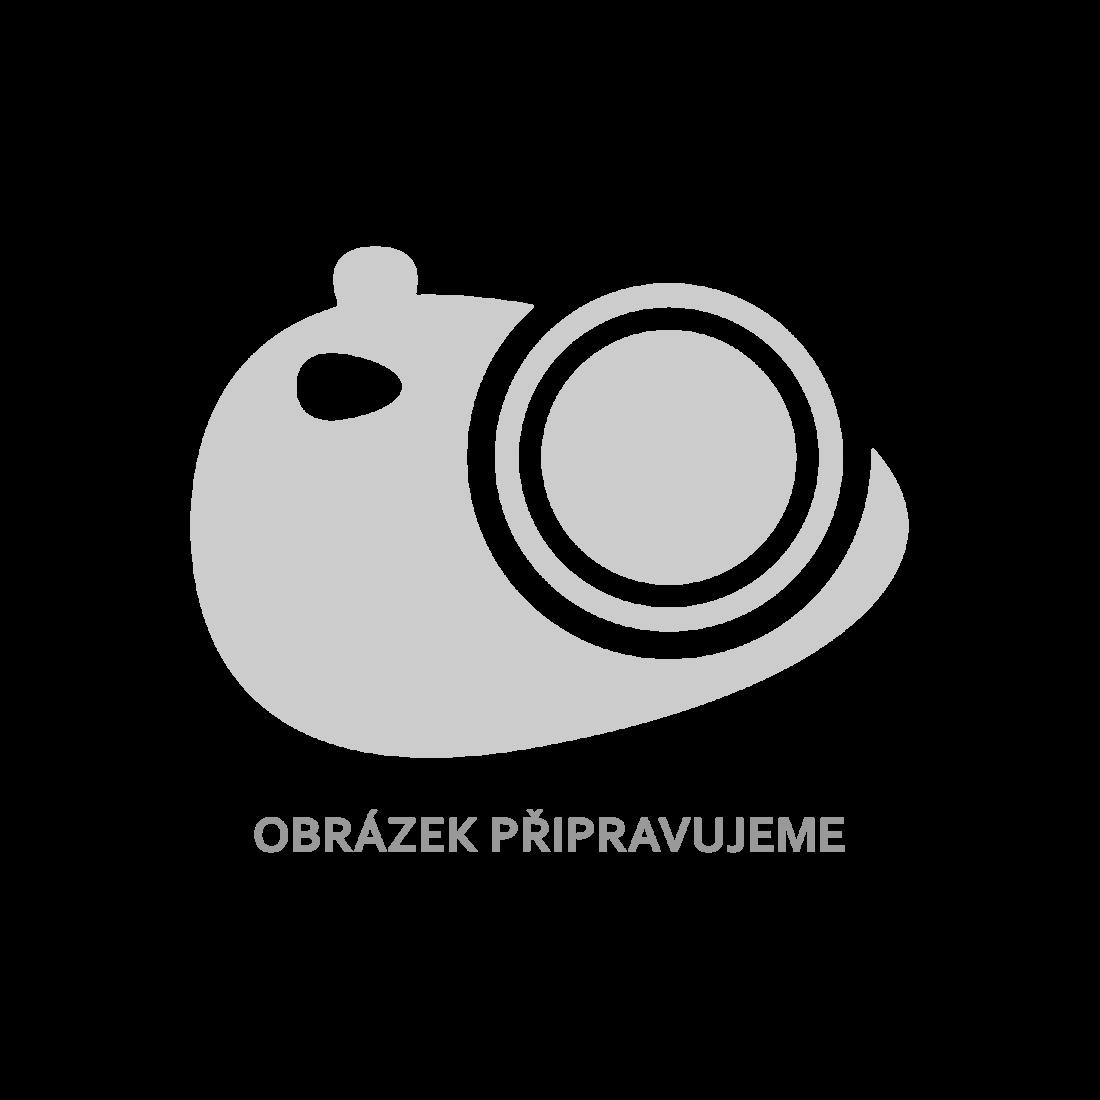 vidaXL Kuchyňské skříňky 2 ks šedé 50 x 31 x 60 cm dřevotříska [805080]